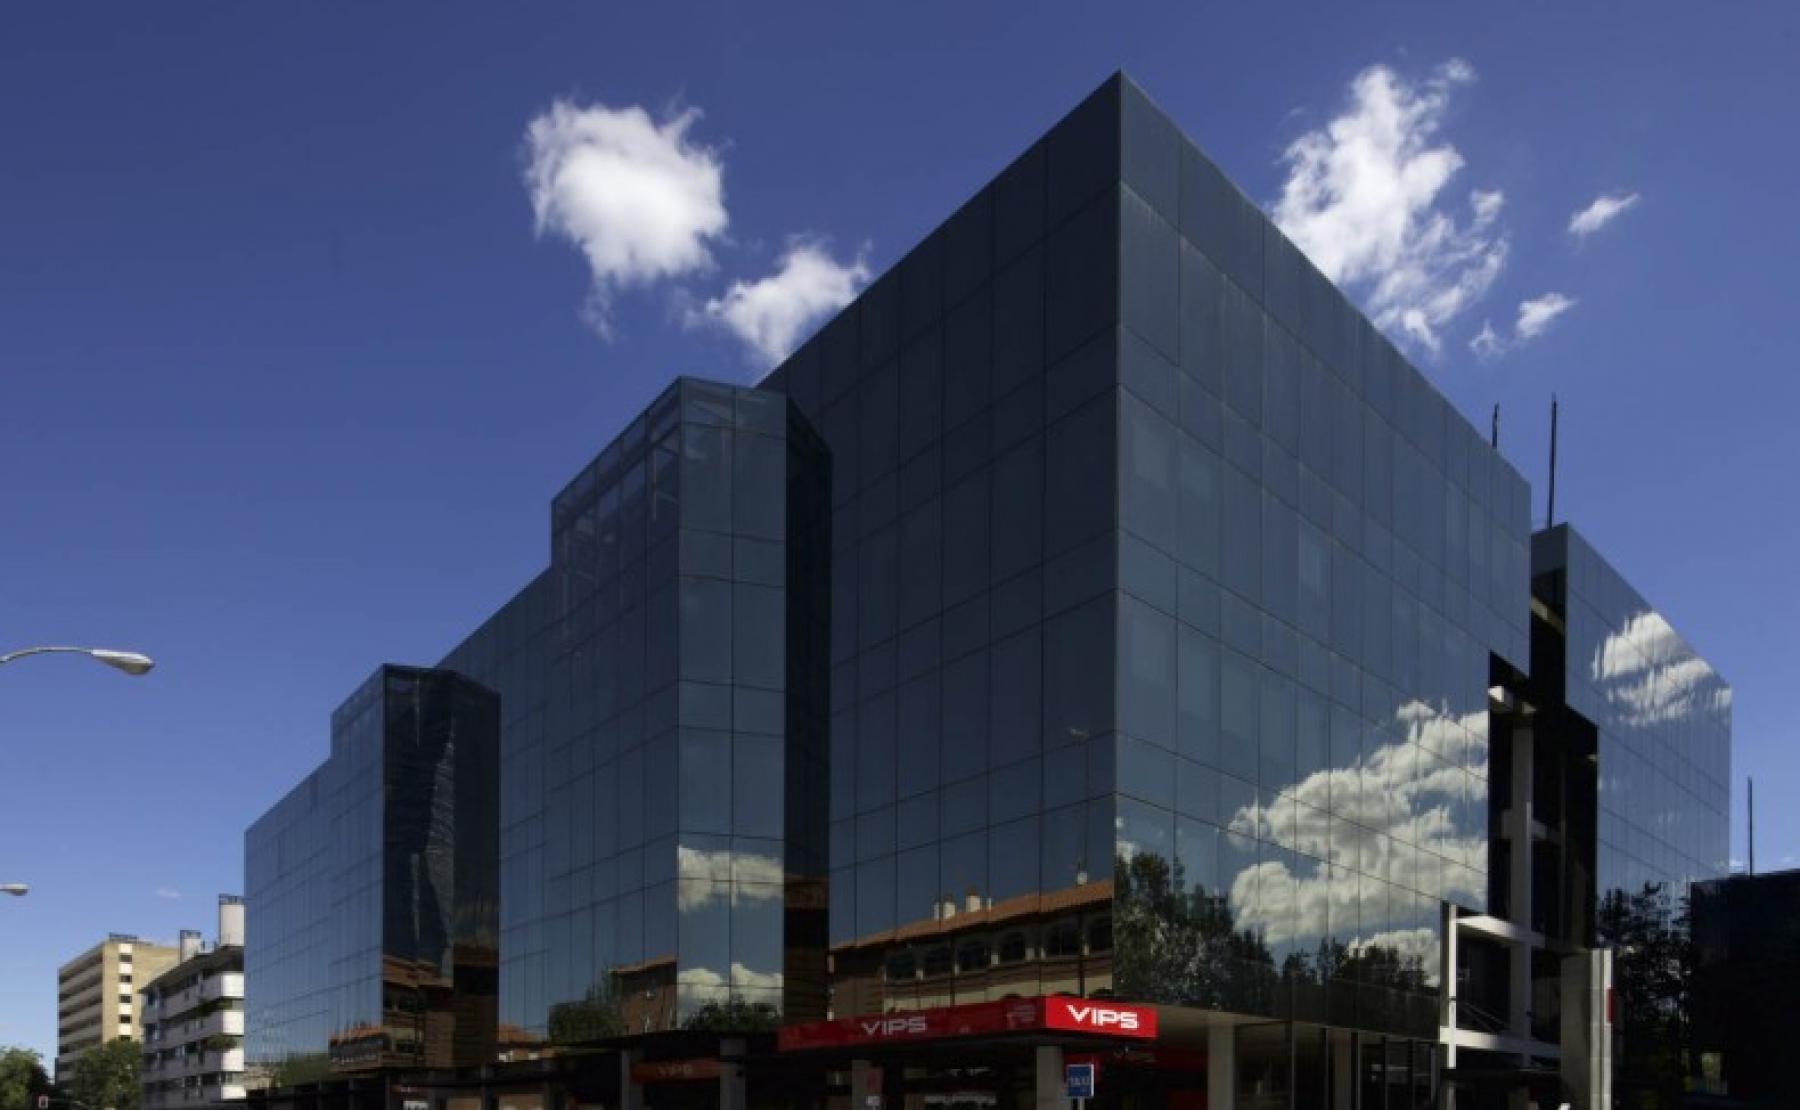 Alquilar oficinas Paseo de la Castellana 280, Madrid (1)